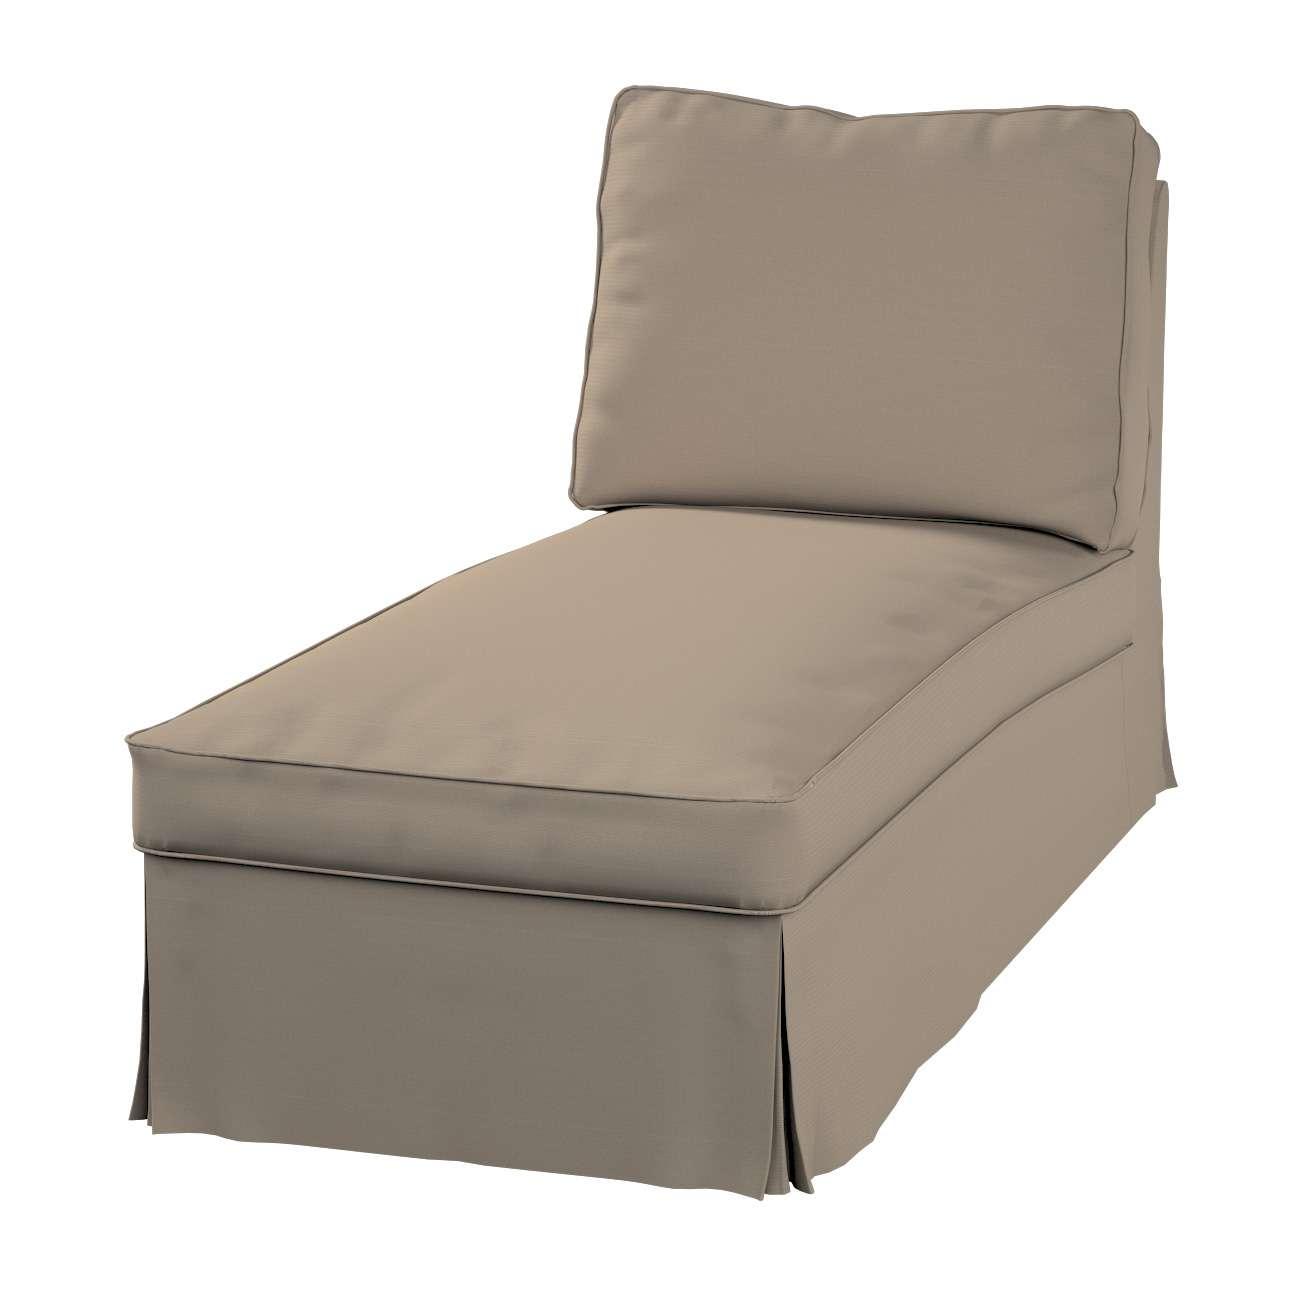 Ektorp gulimojo krėslo užvalkalas (be porankių, tiesus atlošas) Ektorp gulimasis krėslas be porankių, tiesiu atlošu, be suapavalinimų kolekcijoje Cotton Panama, audinys: 702-28